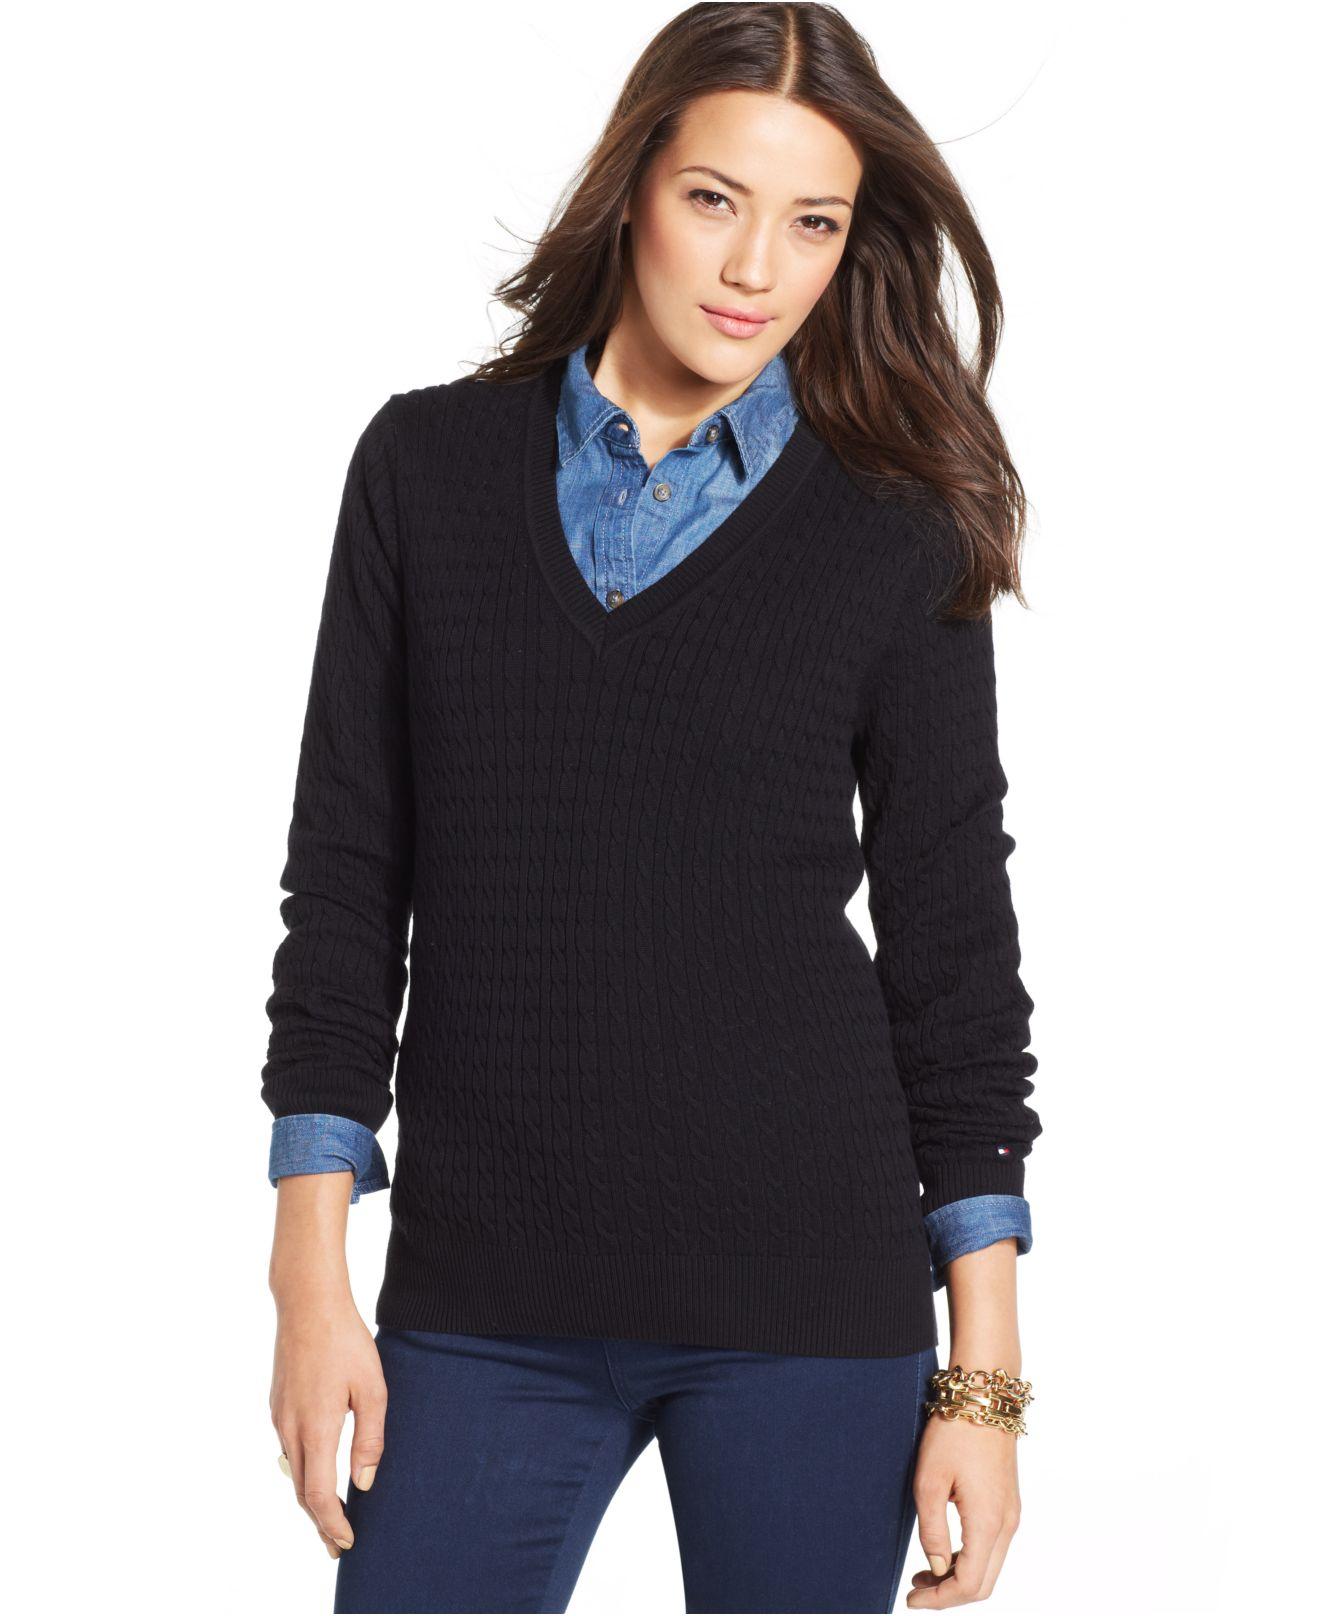 6196445ef10 Tommy Hilfiger Black Cable-Knit V-Neck Sweater